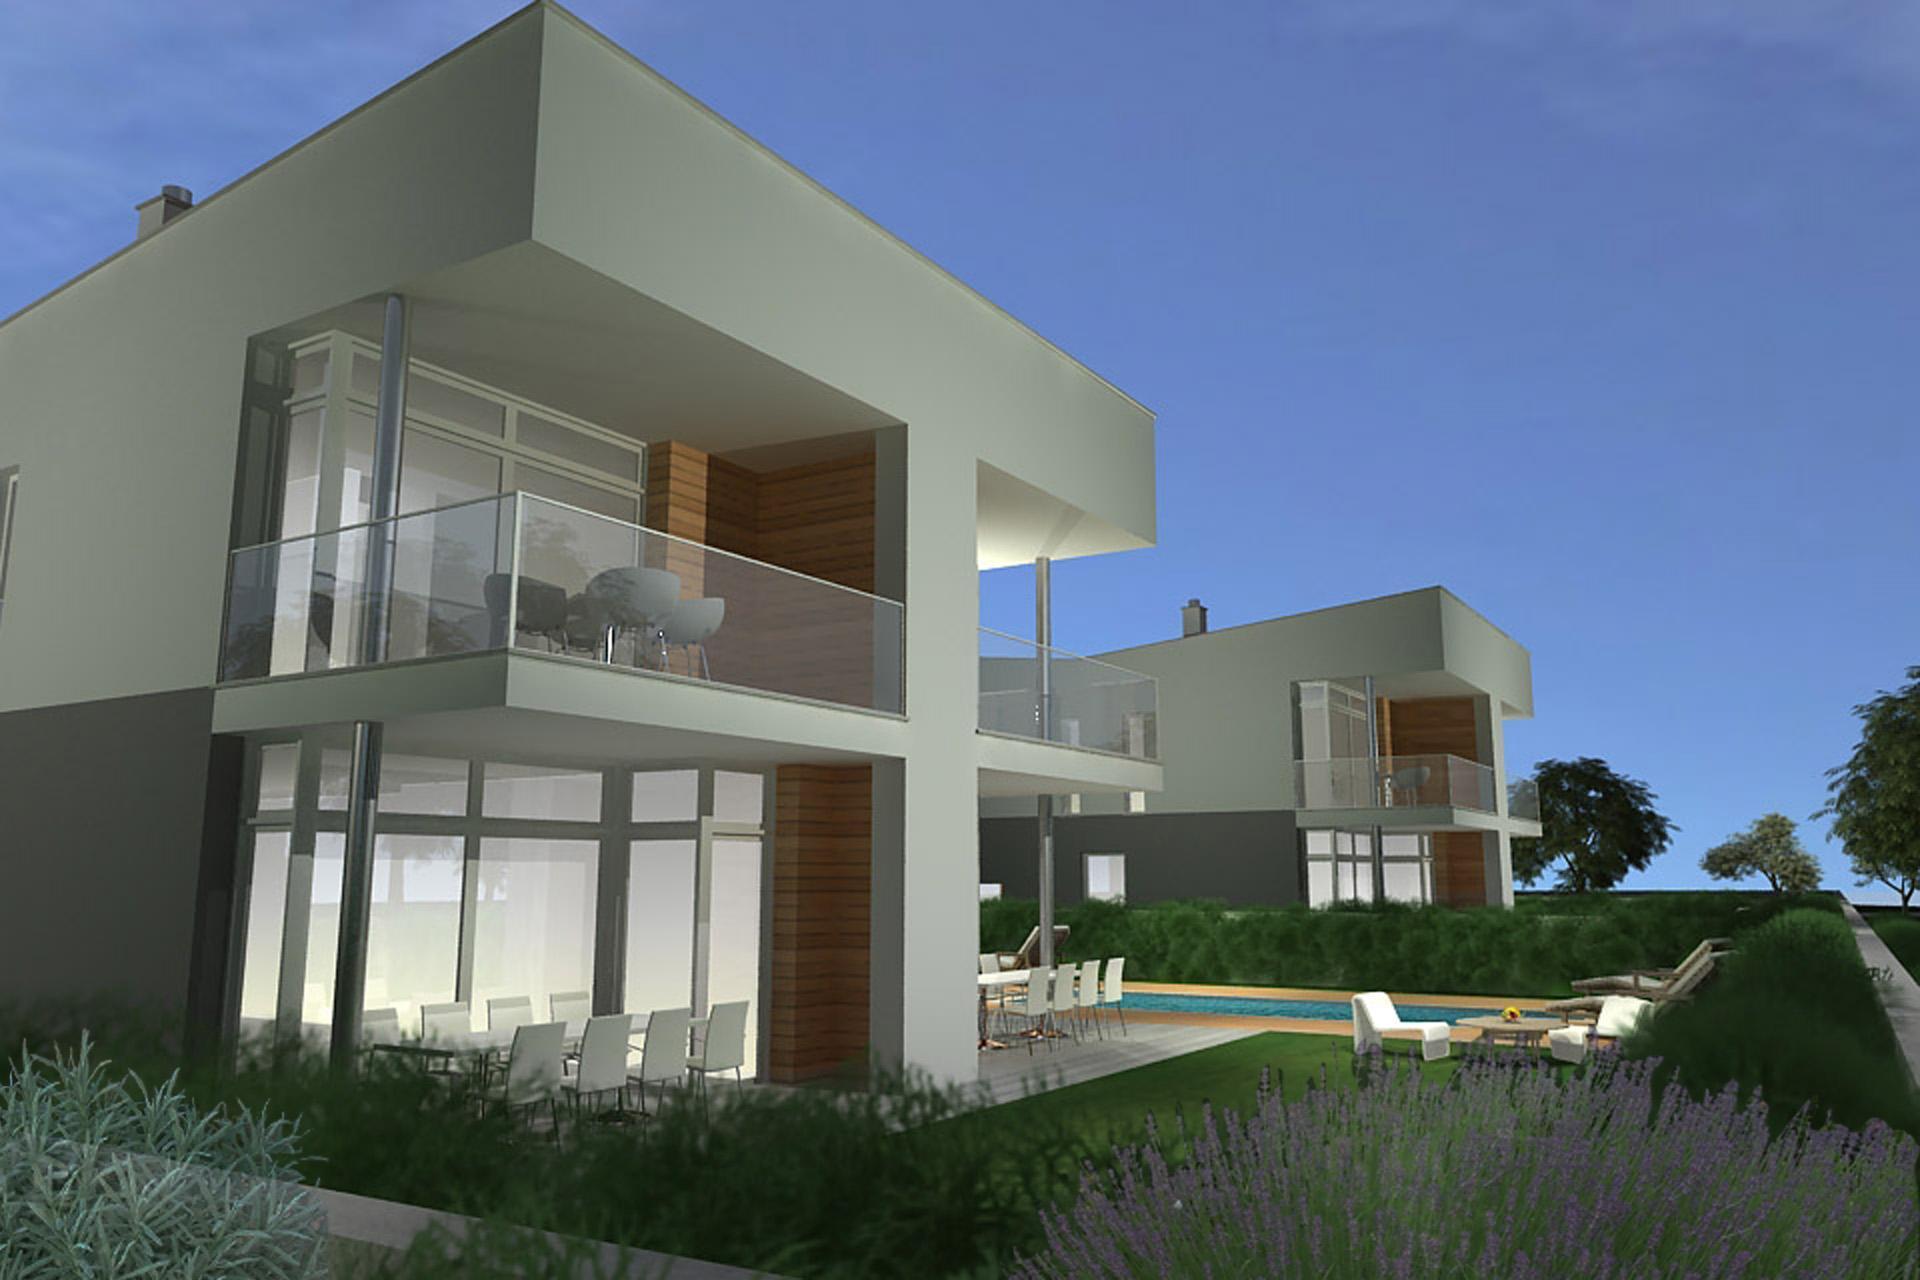 Dinastija villa 2349 - 4 BR Villa